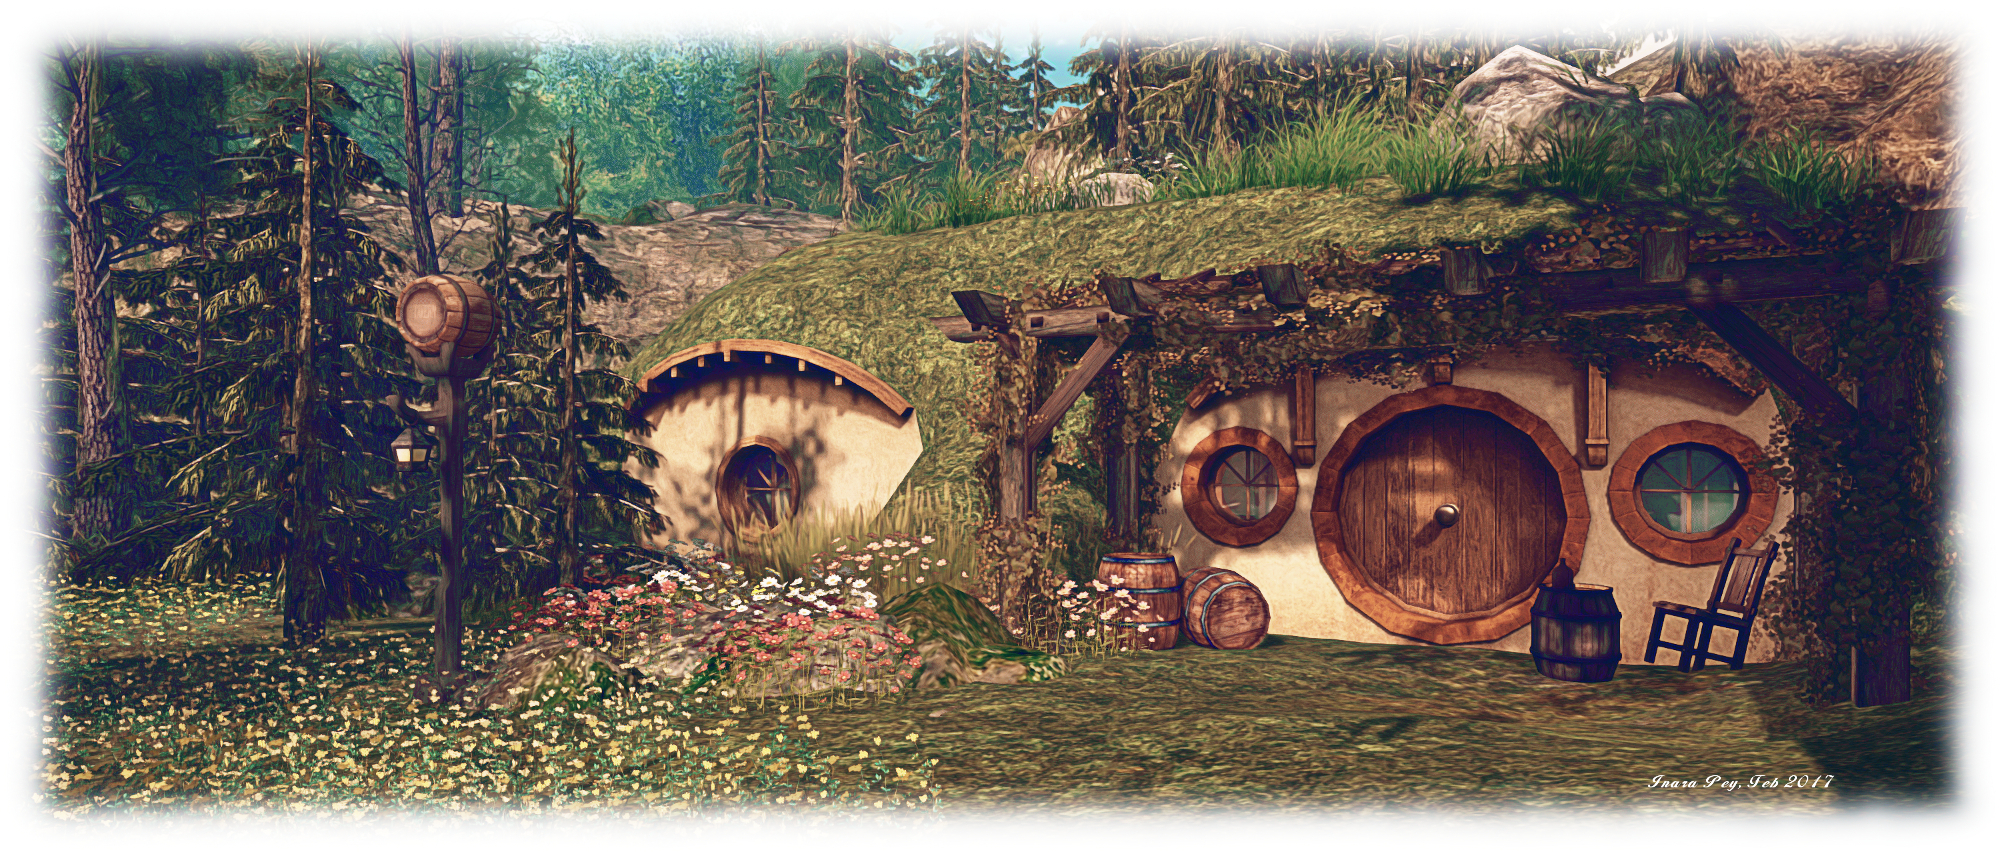 Hobbiton, Dragon Island; Inara Pey, February 2017, on Flickr